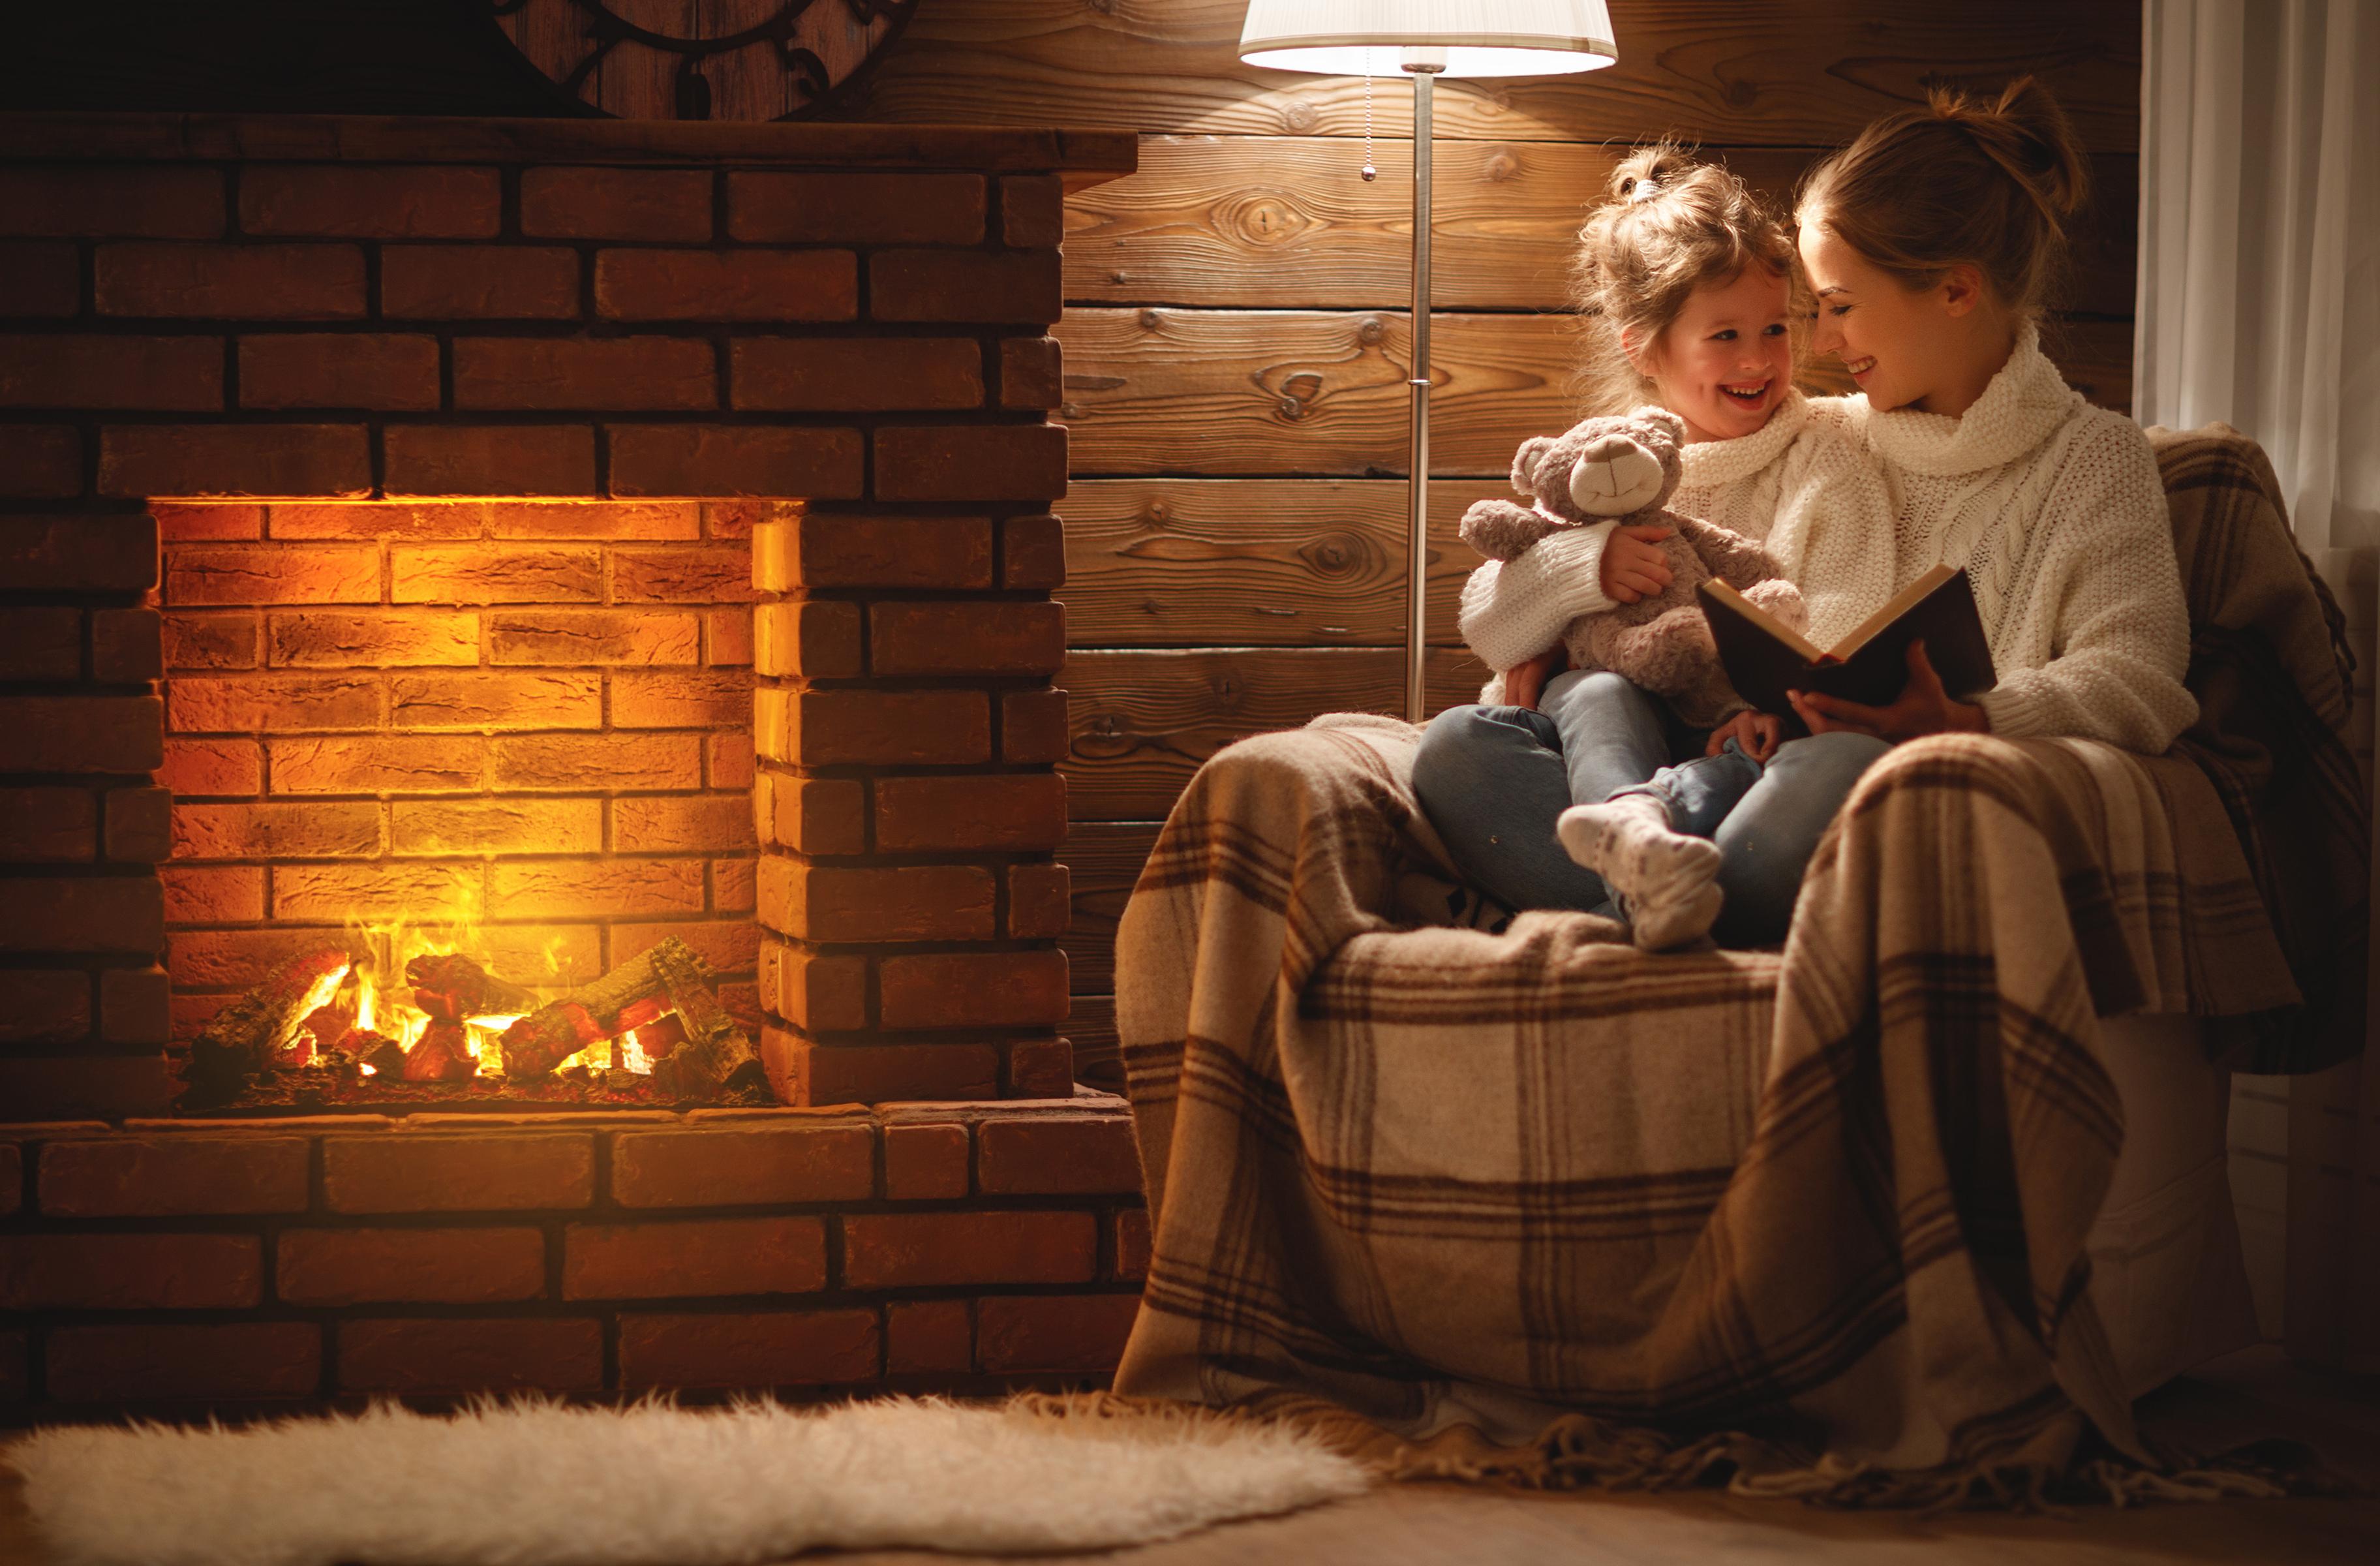 Entspannung Pur bei komfortabler Temperatur dank Kamin und zentral geregelter Fußbodenheizung